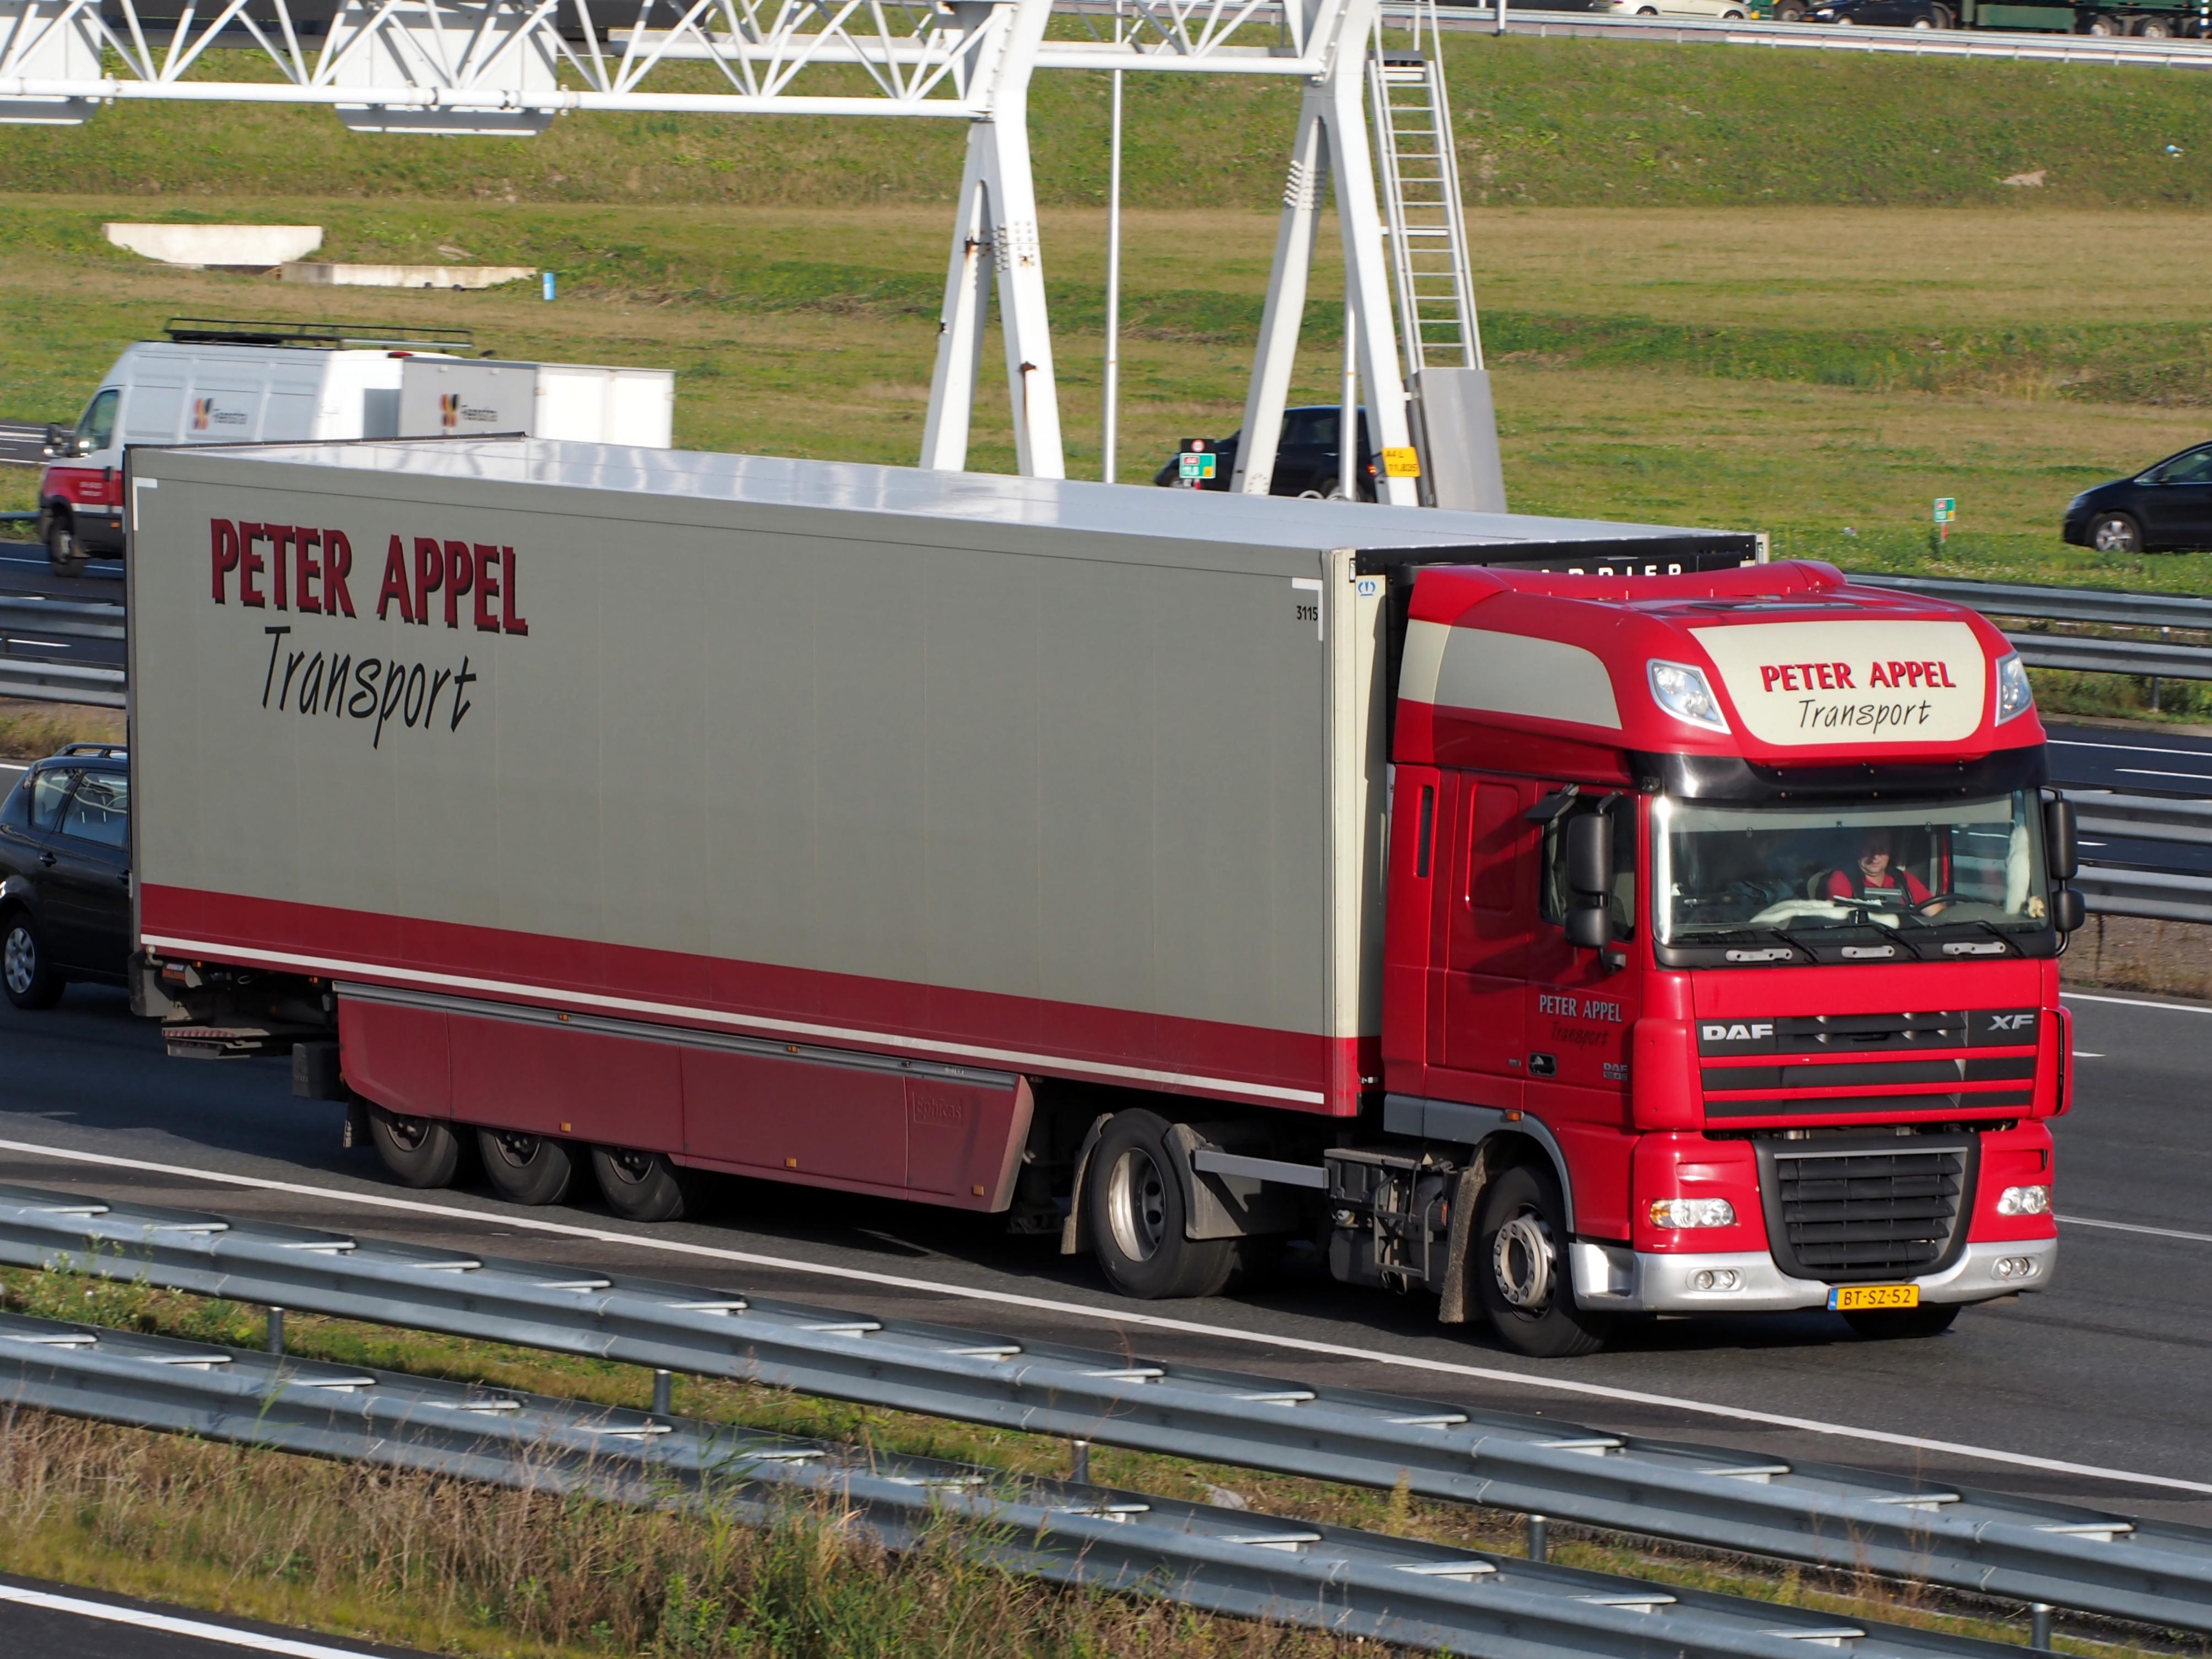 File:DAF FT XF 105, Peter Appel Transport.JPG